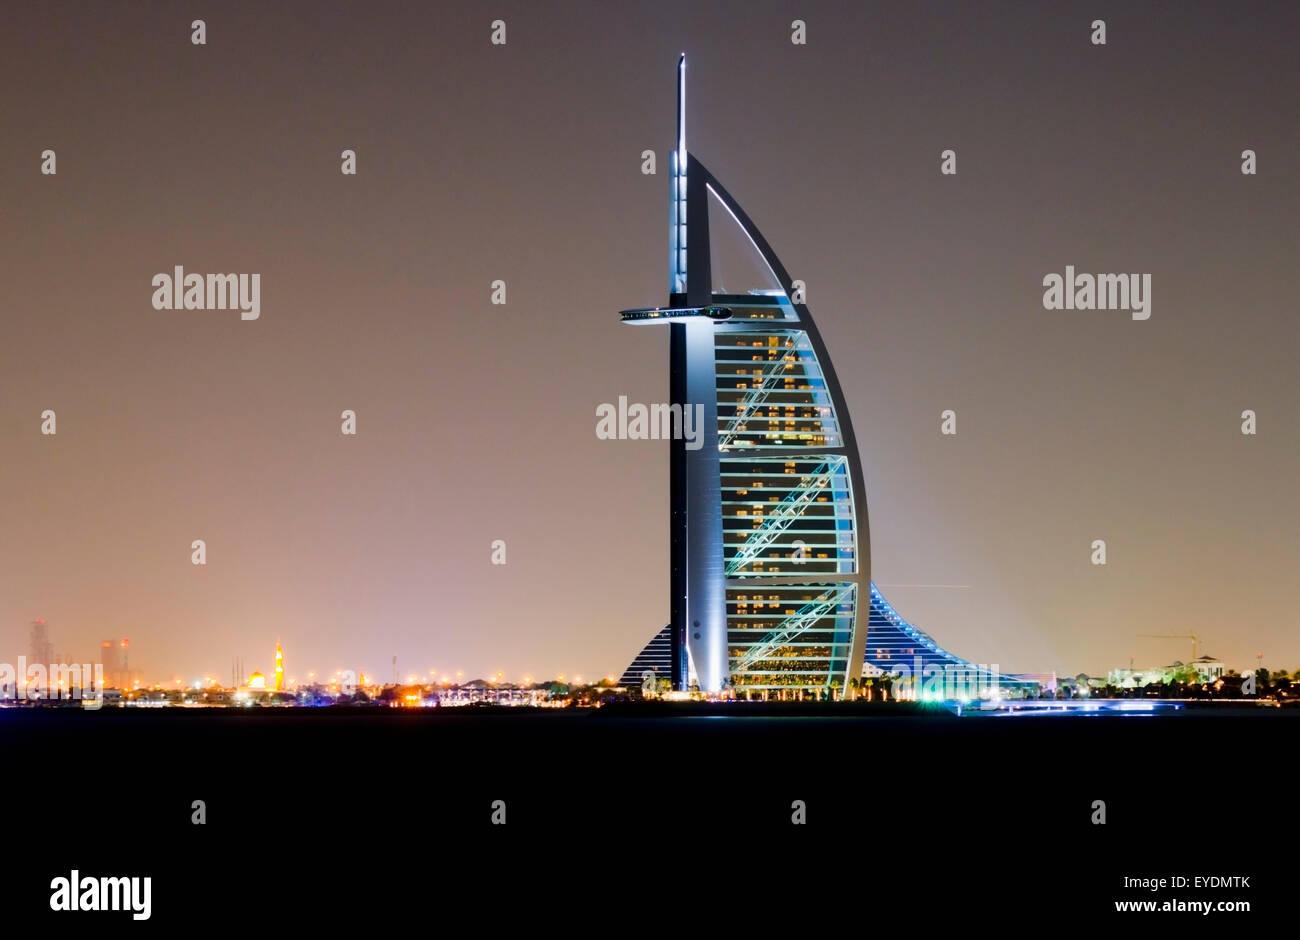 Vereinigte Arabische Emirate, Ansicht des Burj al Arab Hotel in der Dämmerung; Dubai Stockbild